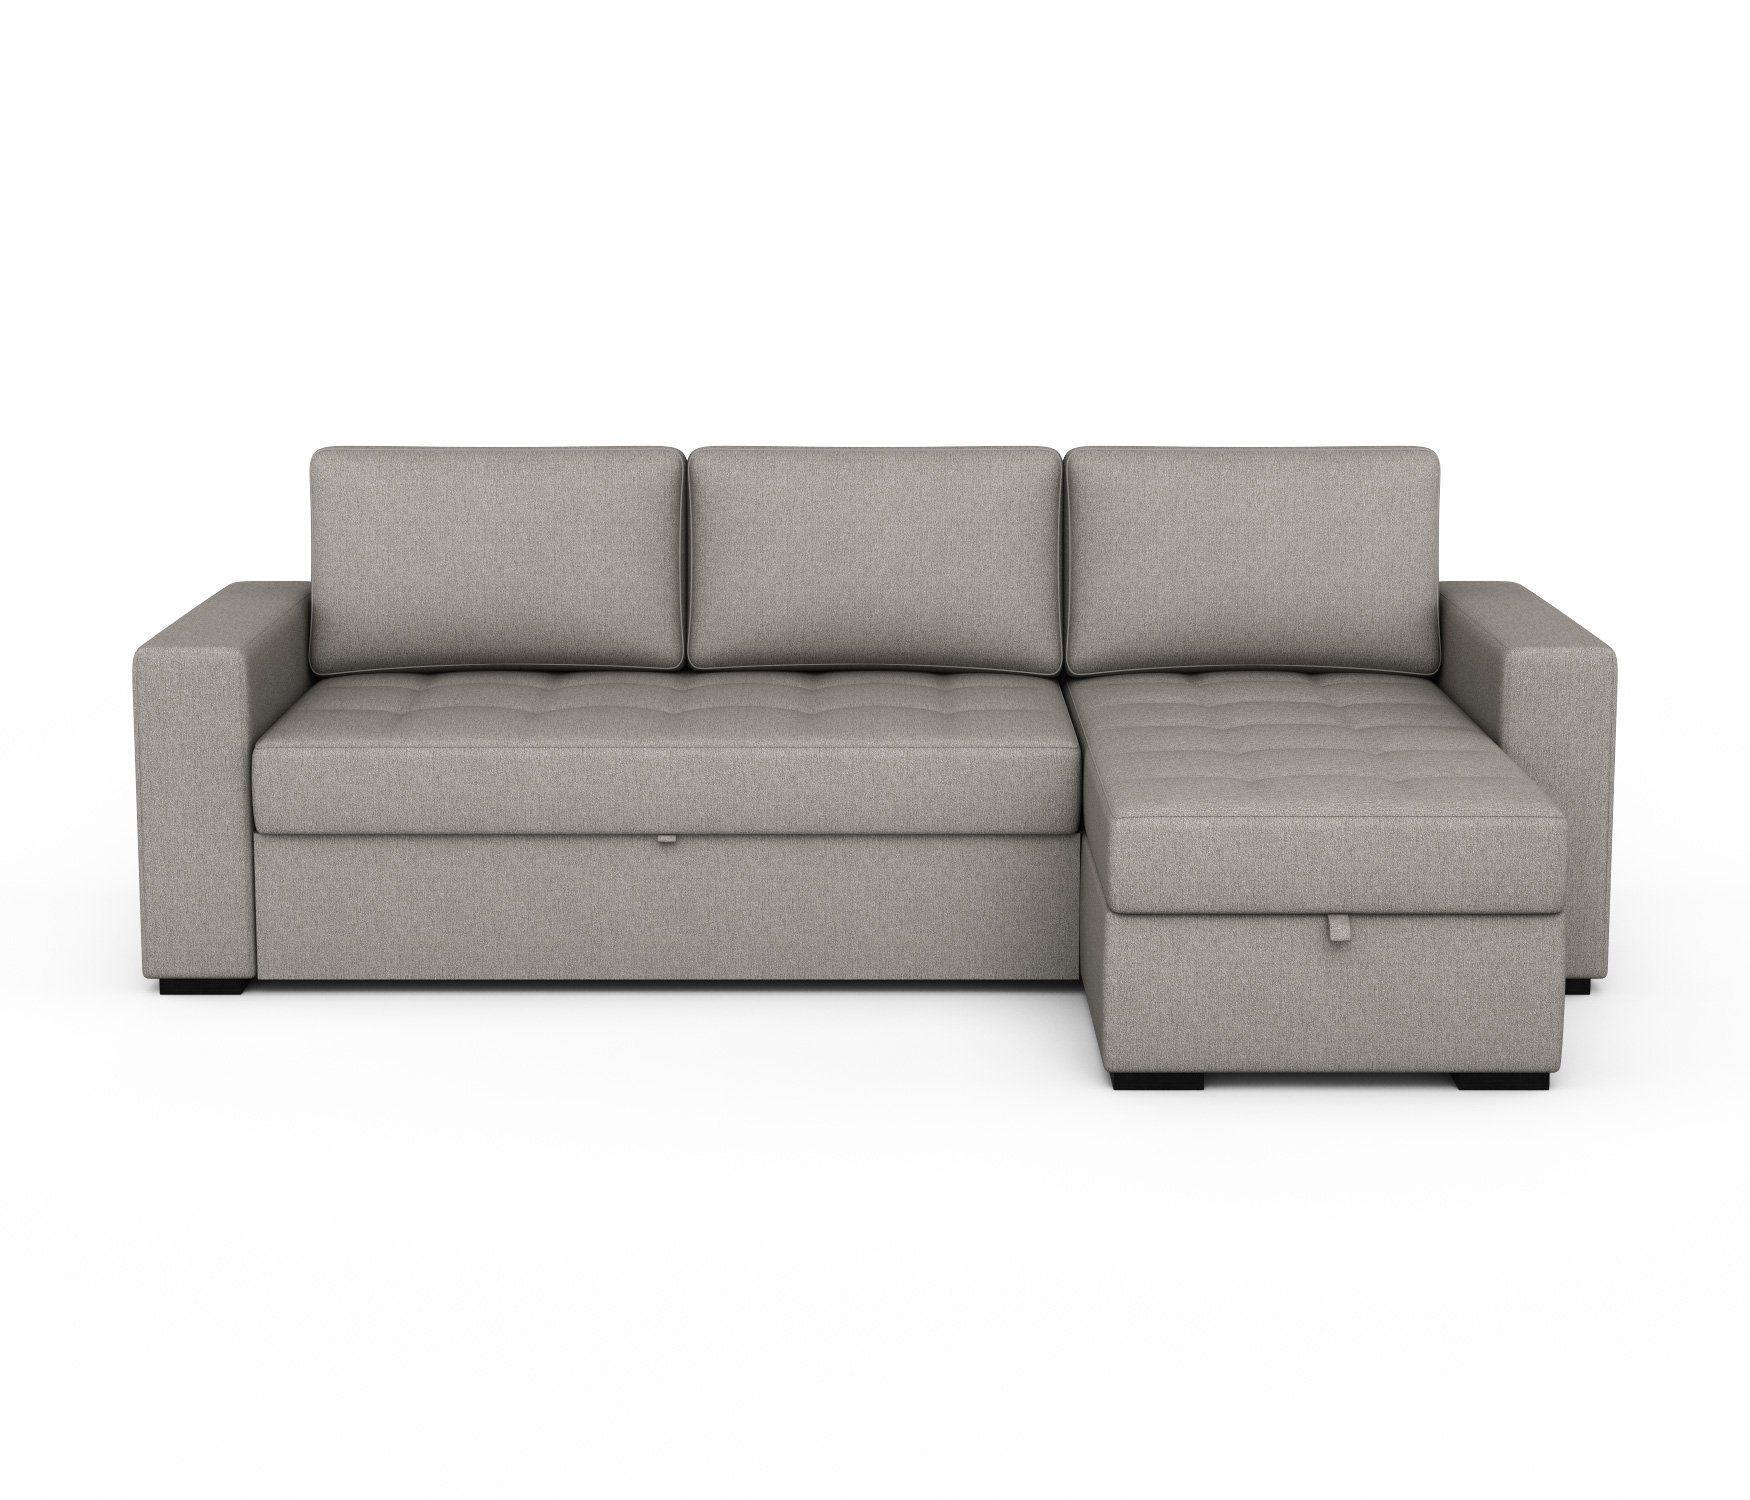 Sofa convertible en cama 33839 cama ideas - Merkamueble sofas cheslong ...